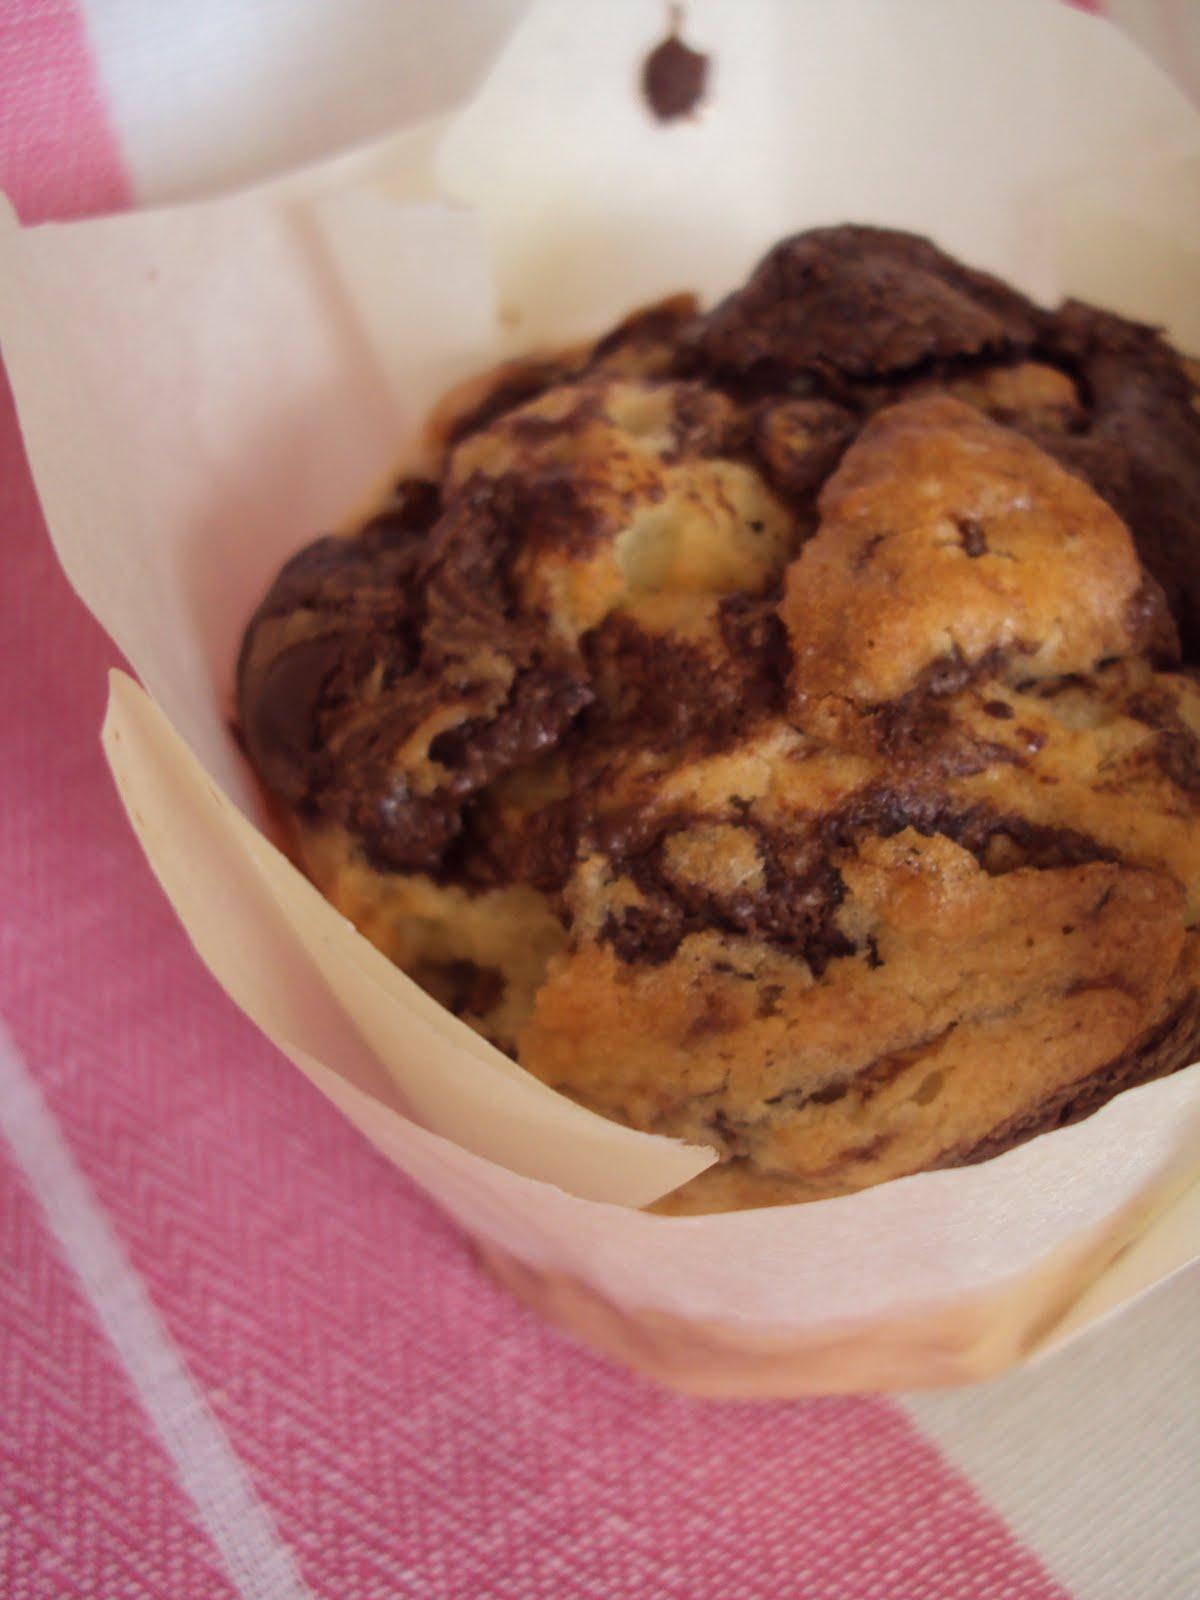 MissMuffins opskrifter: Zucchini Muffins with Nutella Swirl